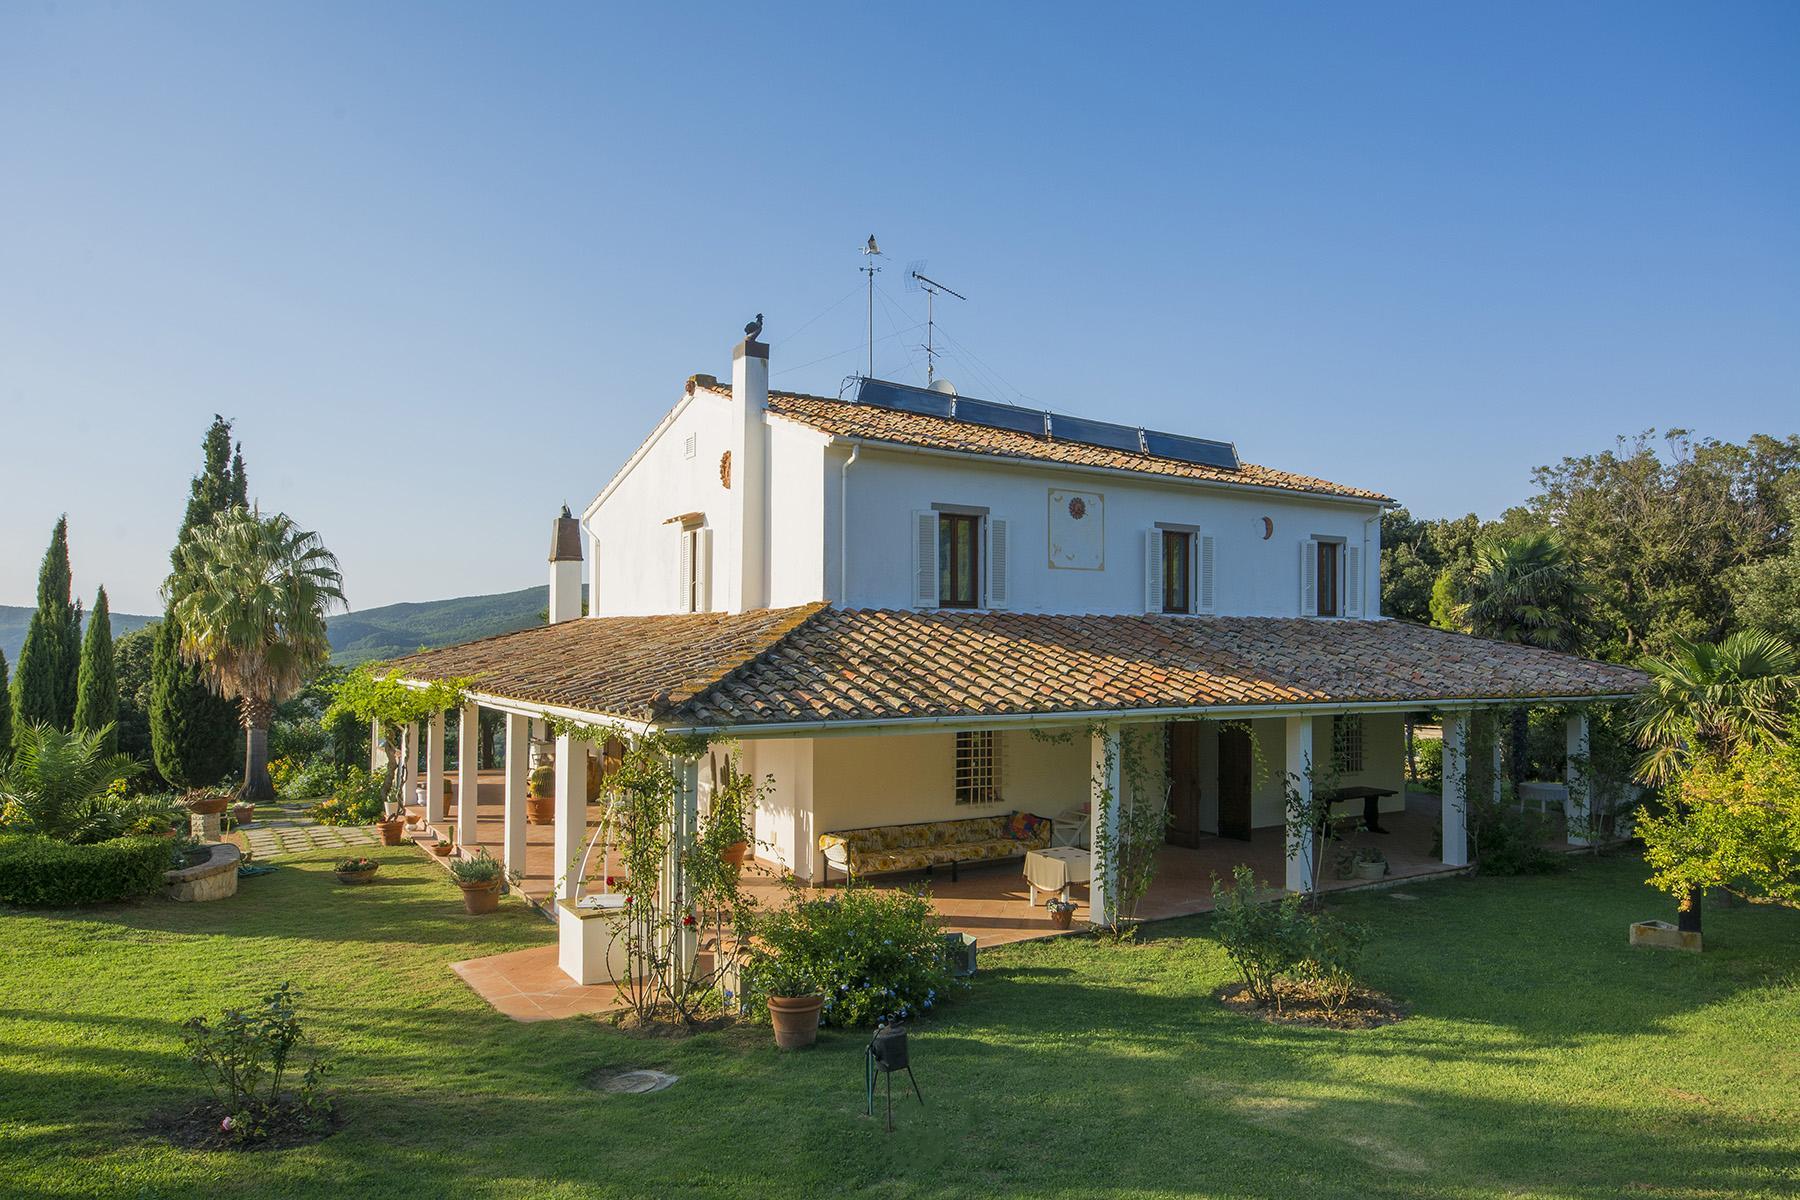 Wonderful villa with sea view close to Castiglioncello - 3